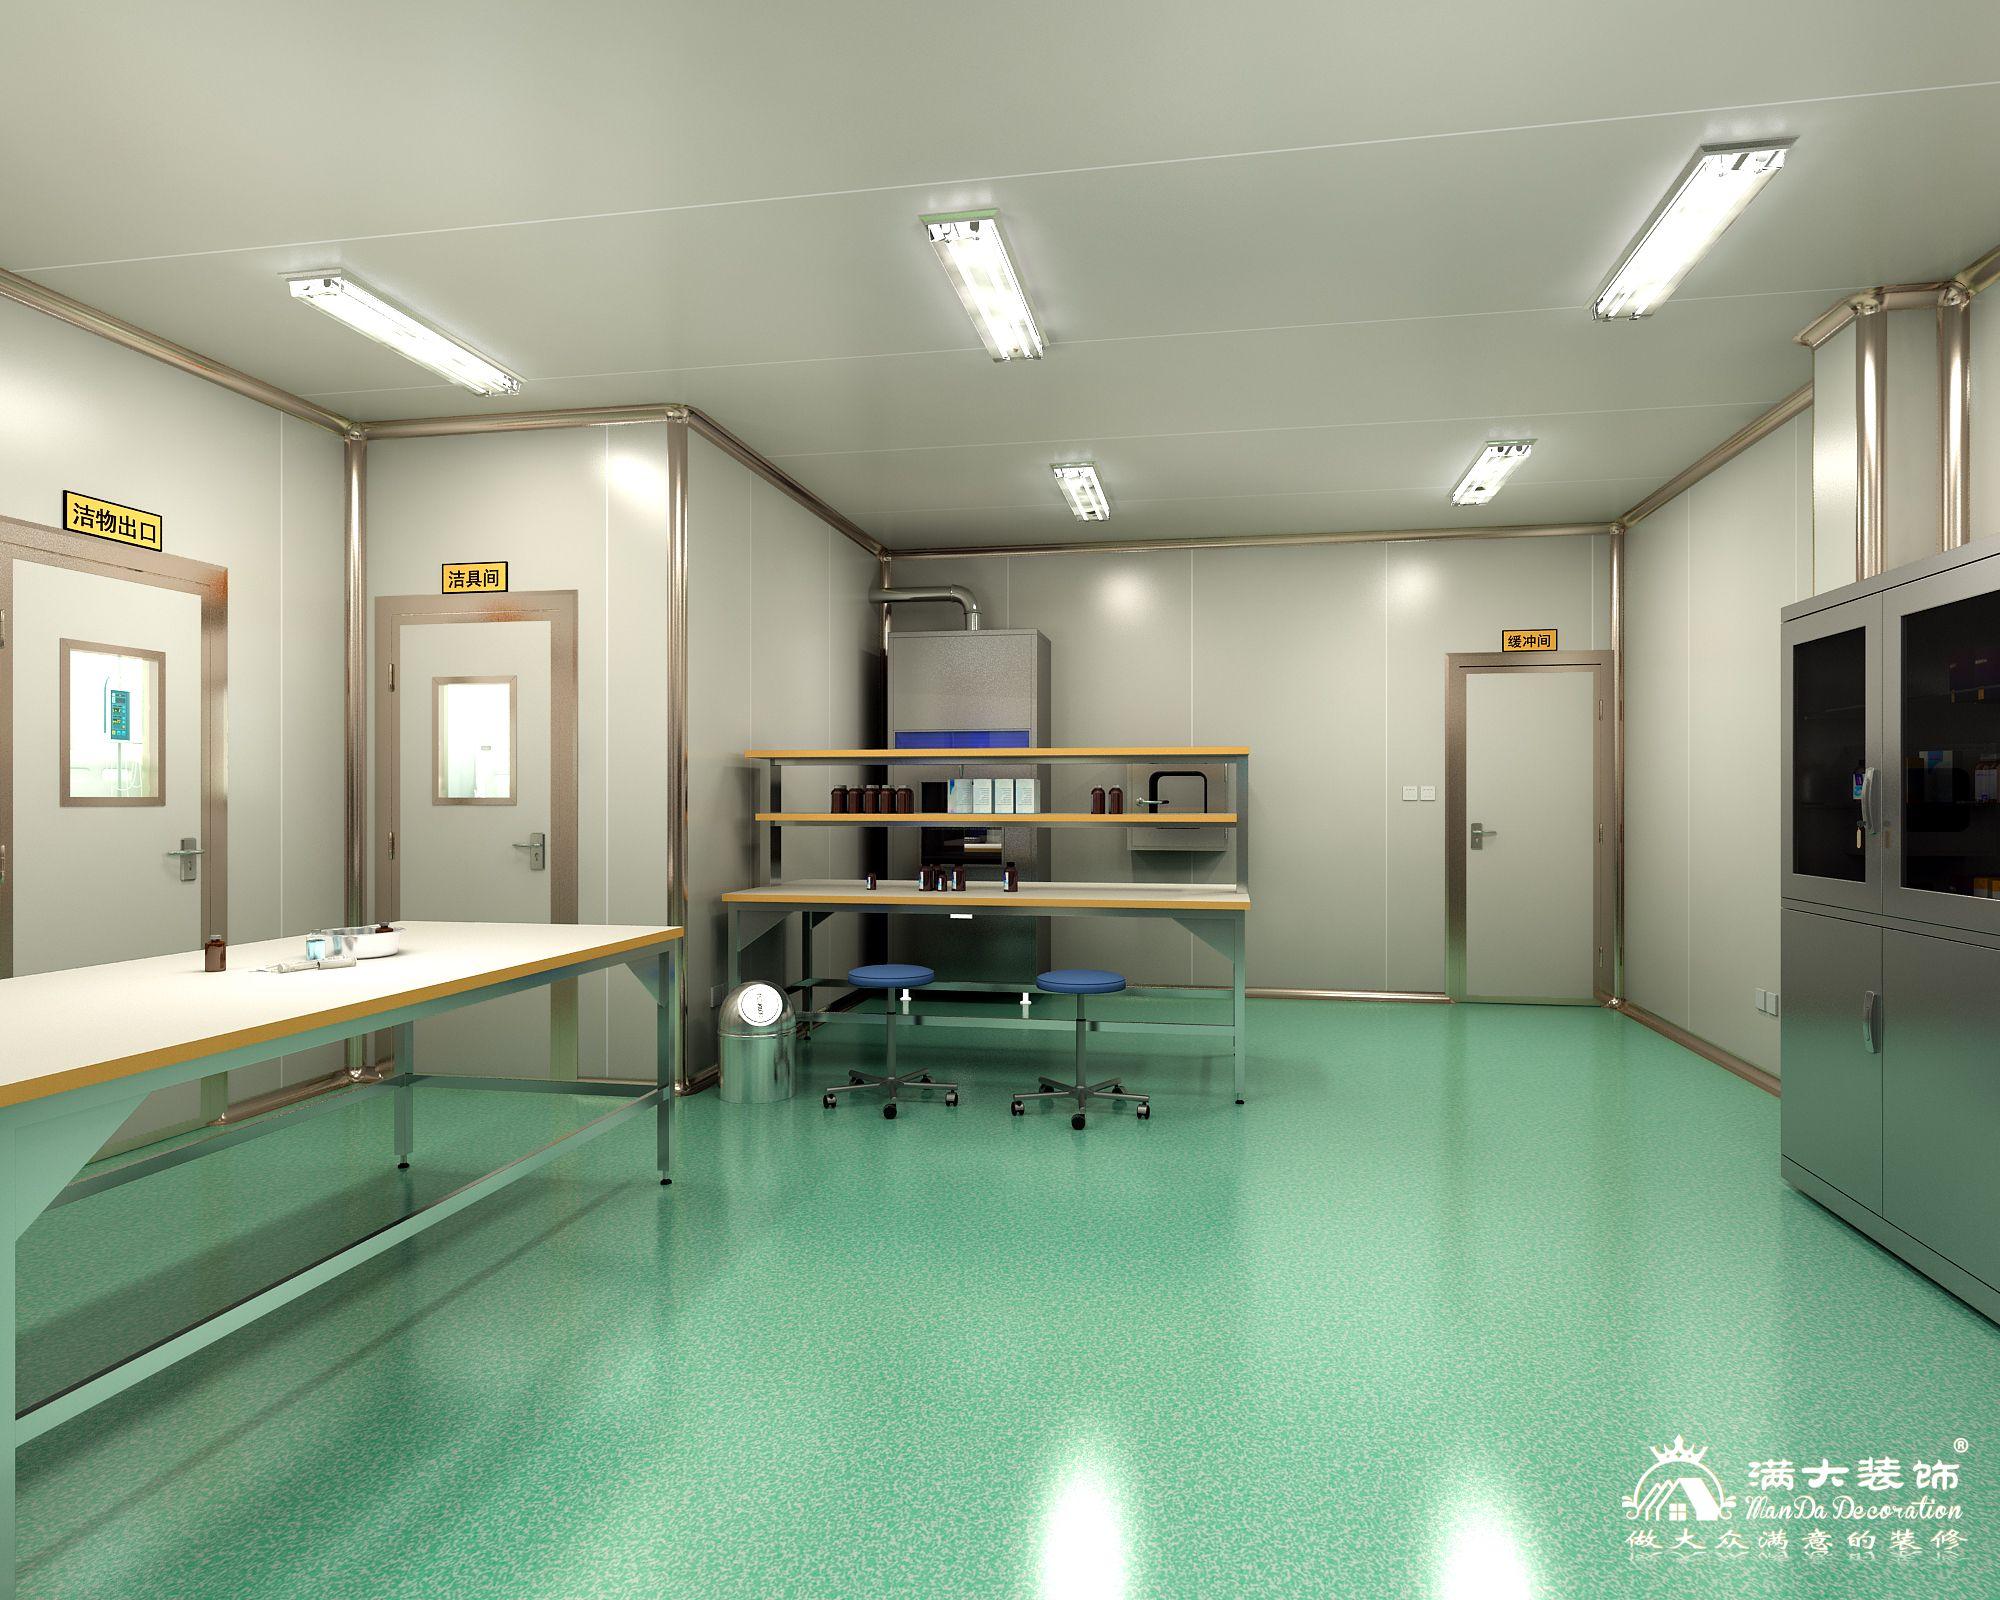 贵州毕节人民医院消毒供应中心消毒间装修